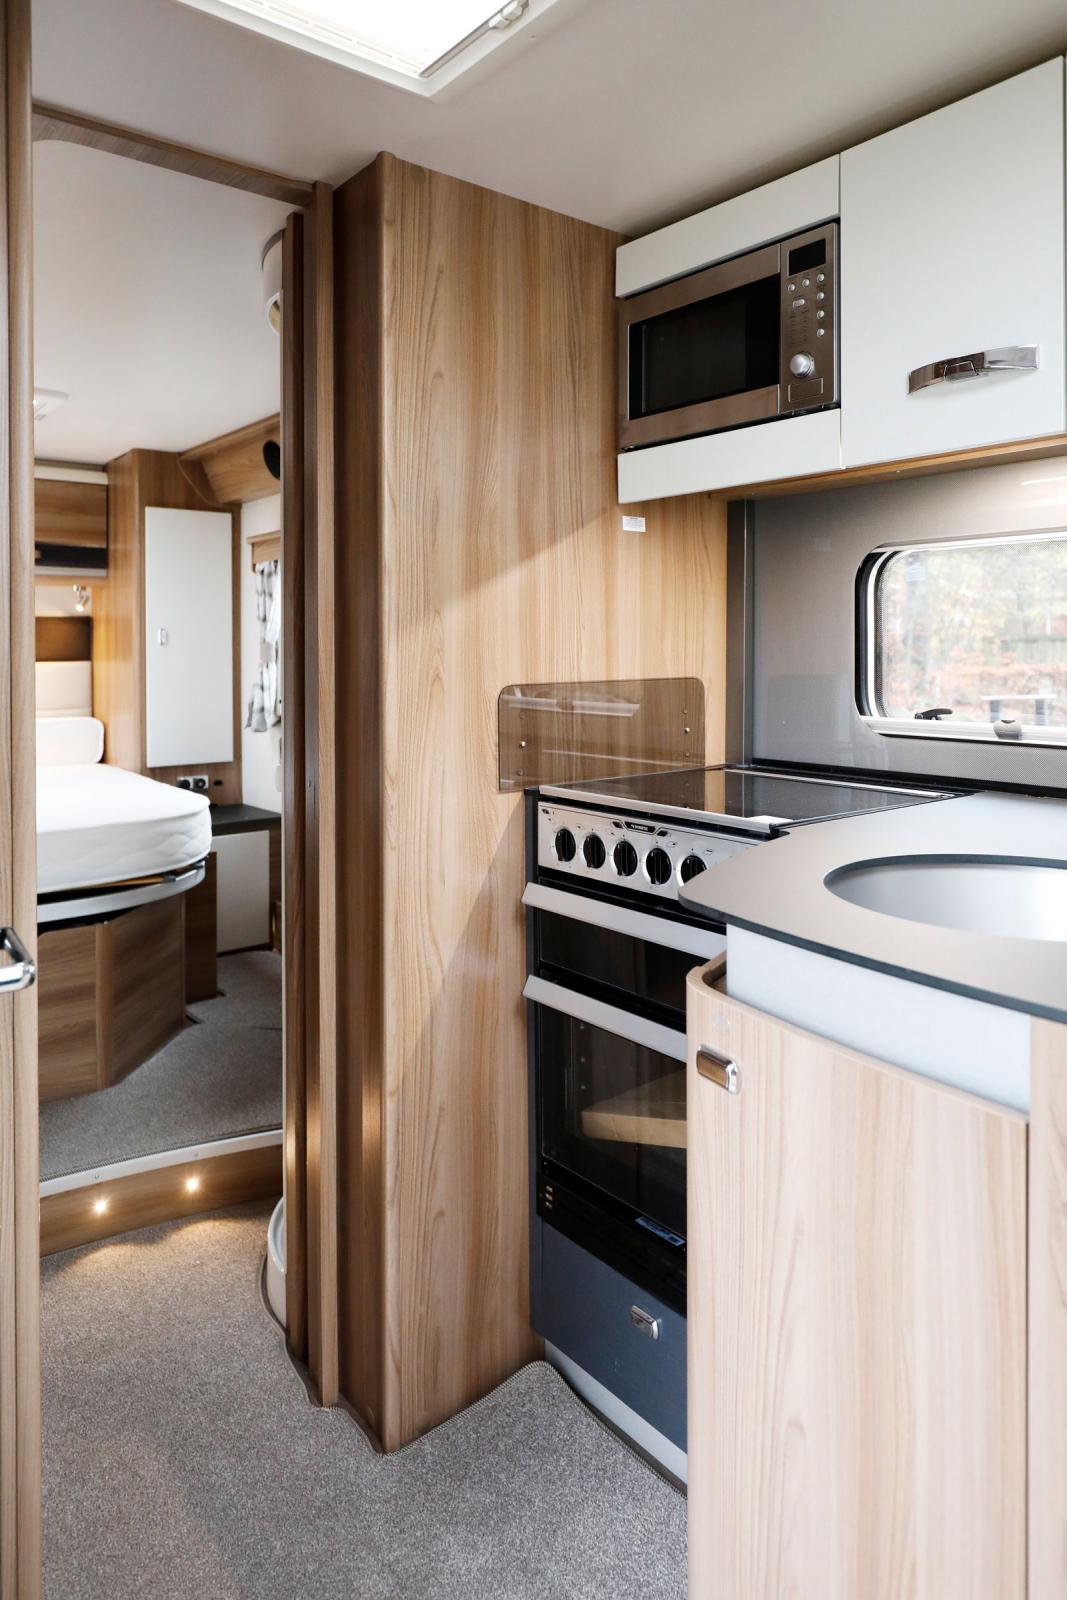 Köket är välutrustat med tre gaslågor, en elplatta (230 V), ugn och mikrovågsugn. Goda förutsättningar för mästerkockar!